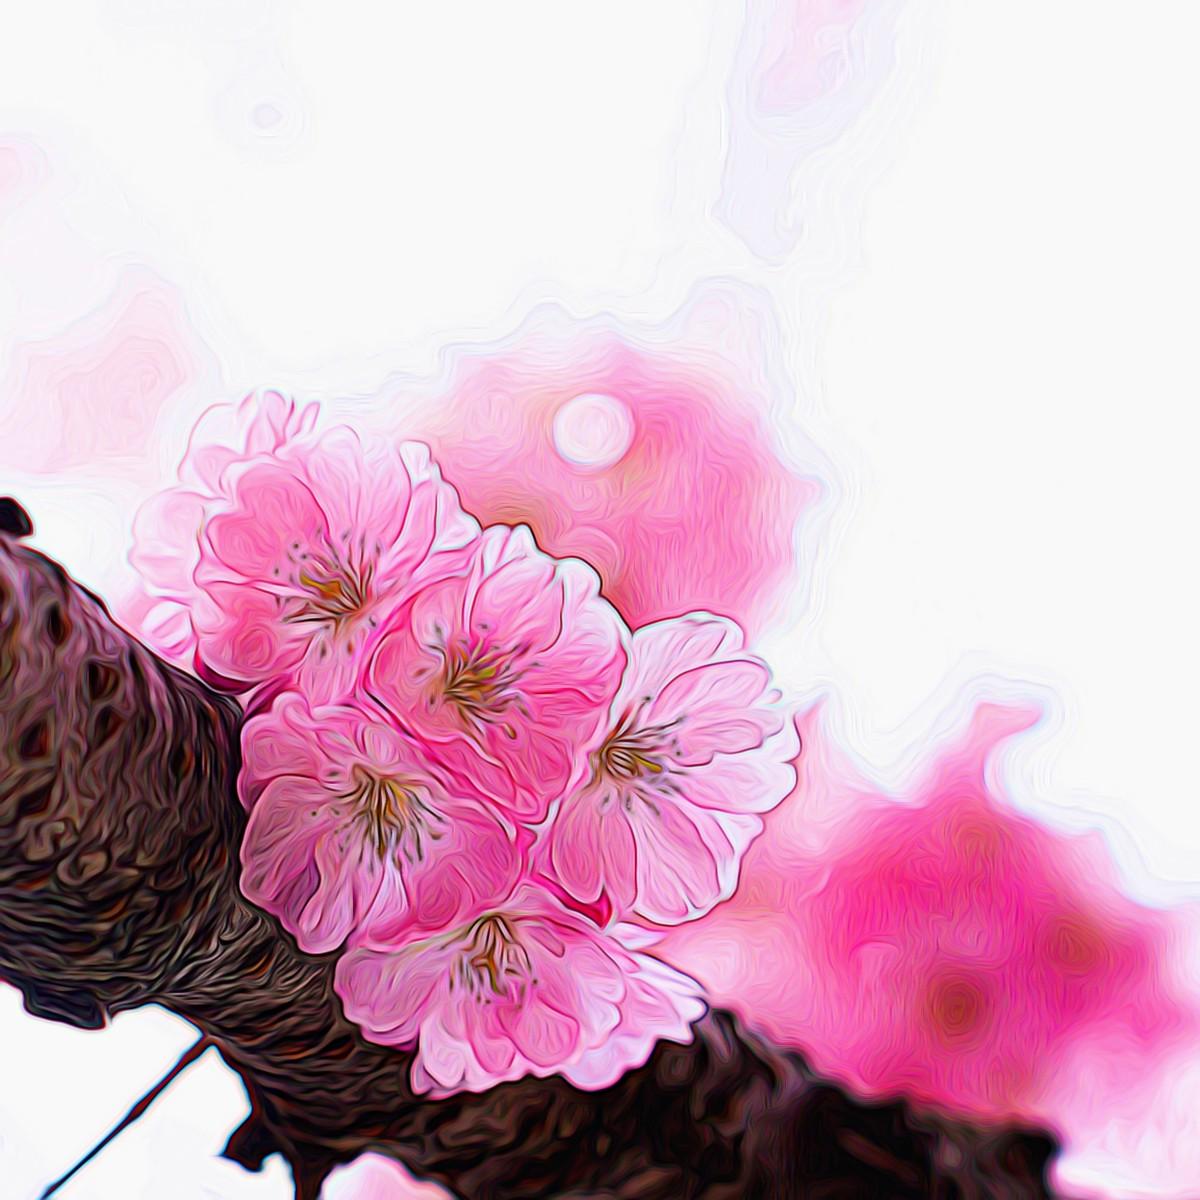 迎候春天_图1-7